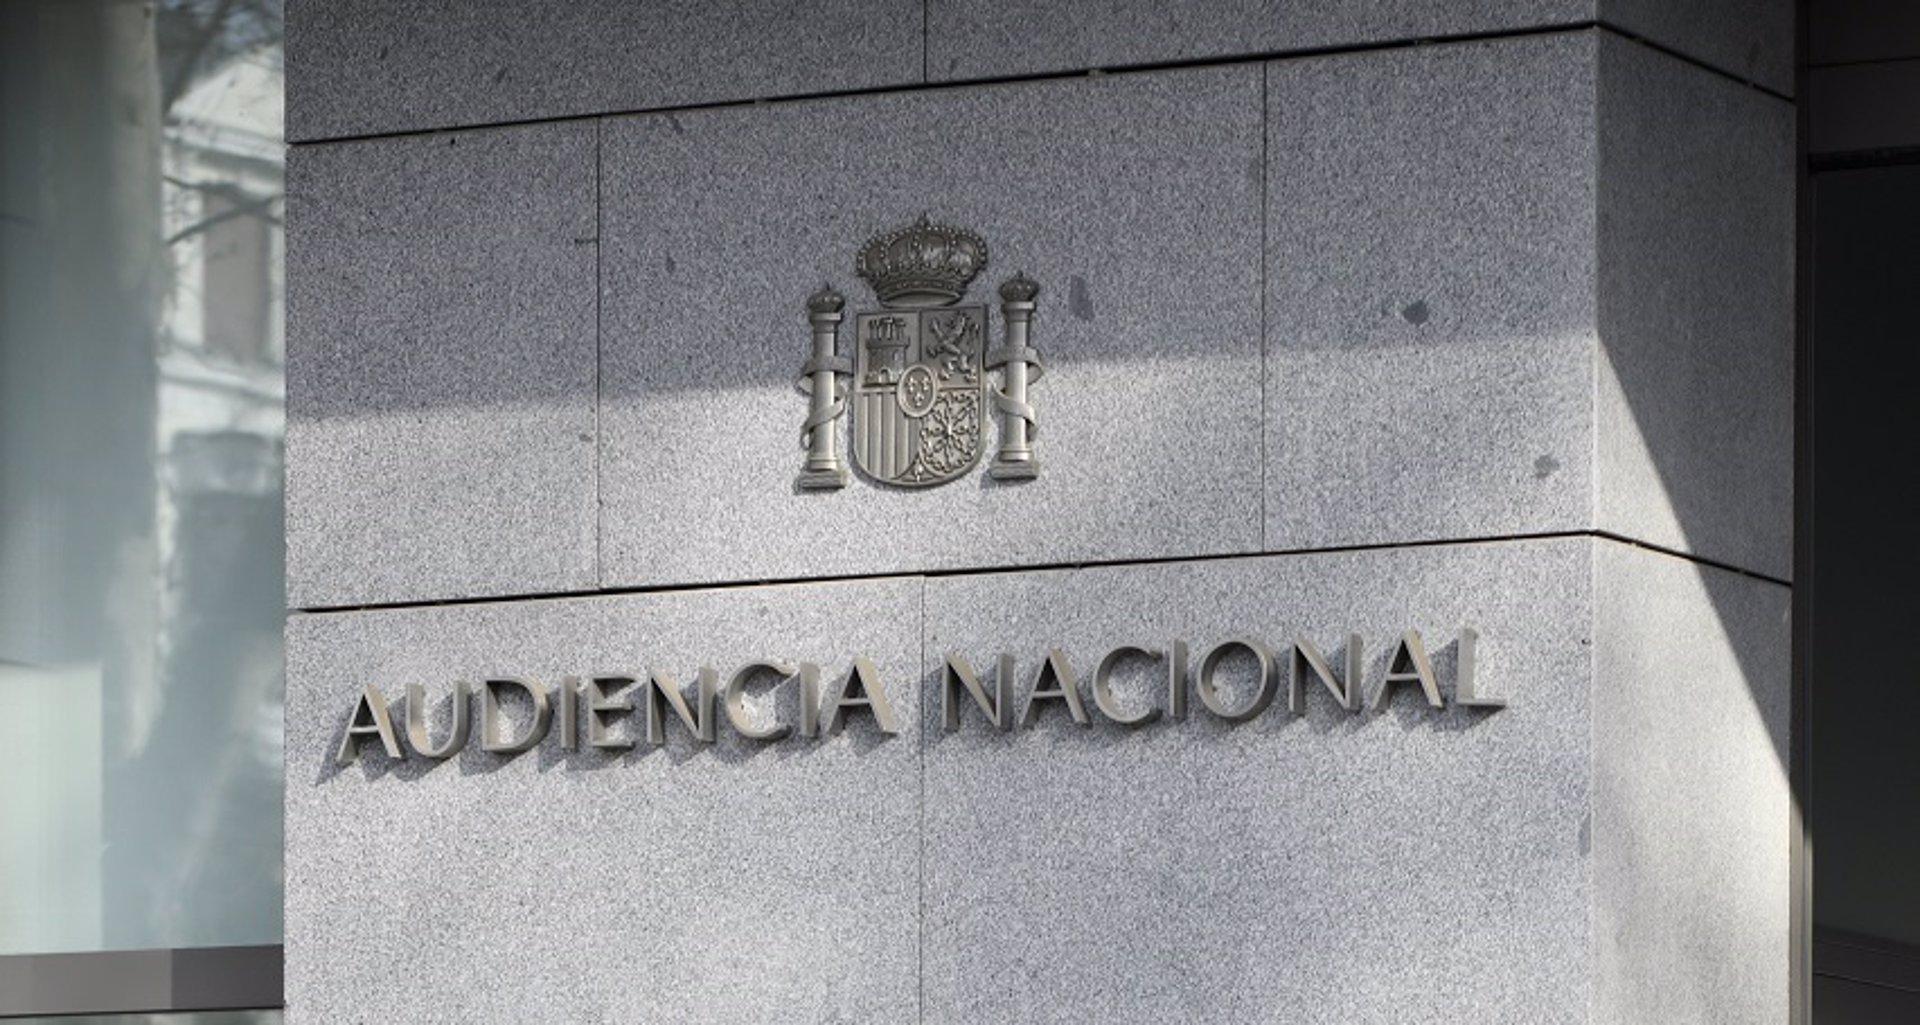 La Audiencia Nacional ordena a Justicia que facilite datos de los indultos solicitados por cofradías entre 2017 y 2019 –